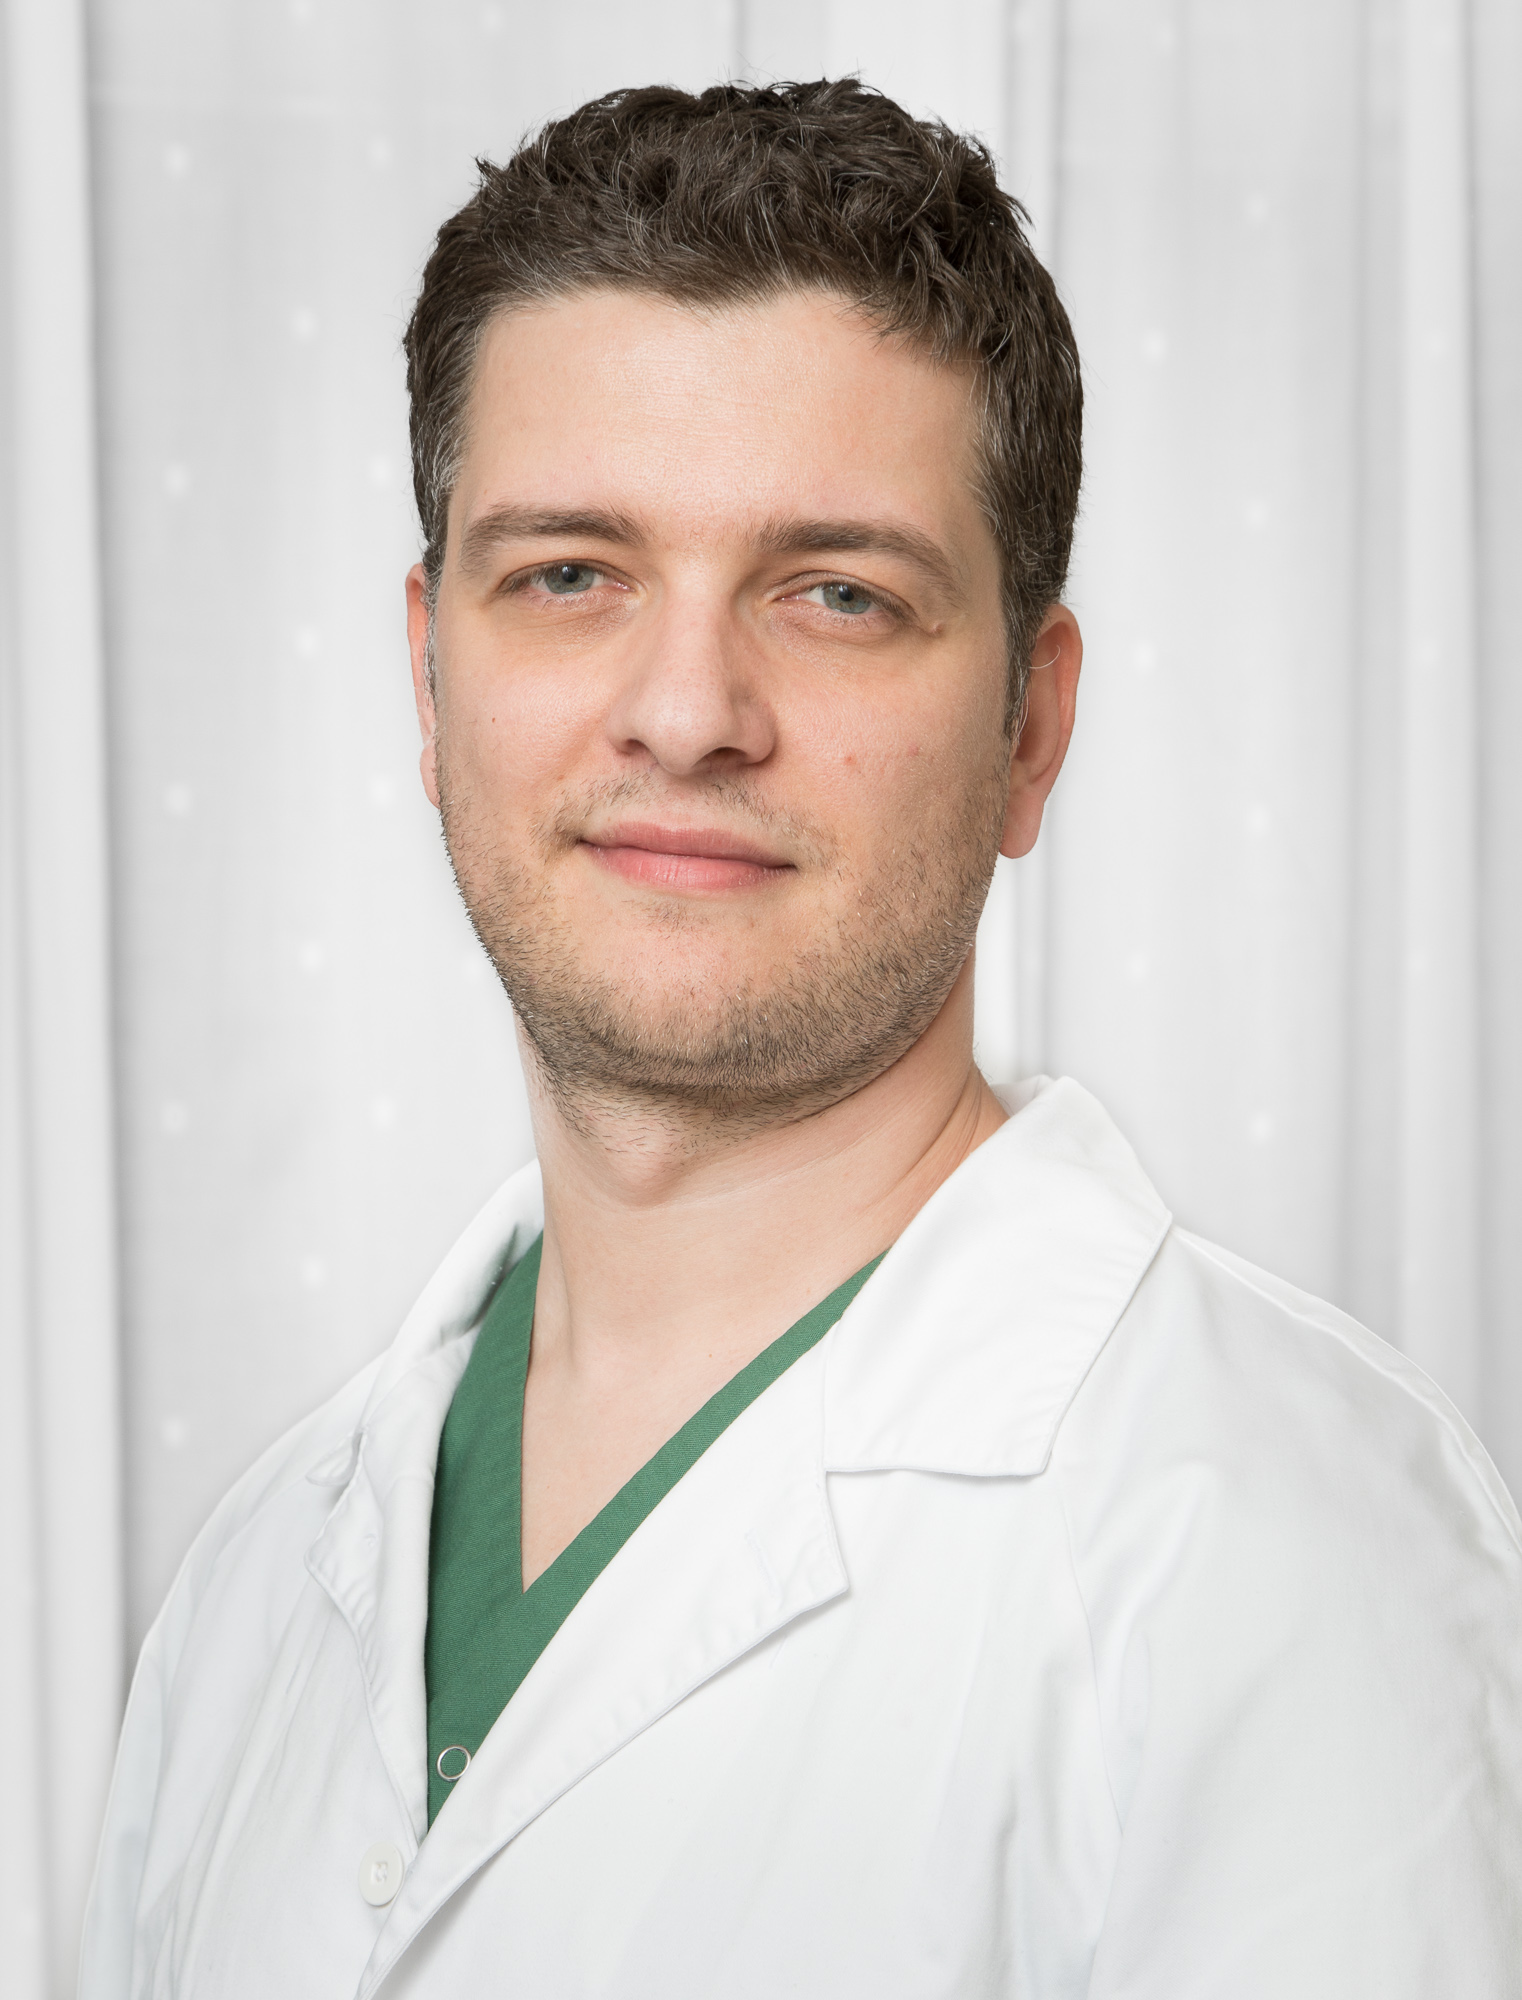 GHM - Dr Apostolos Parisopoulos